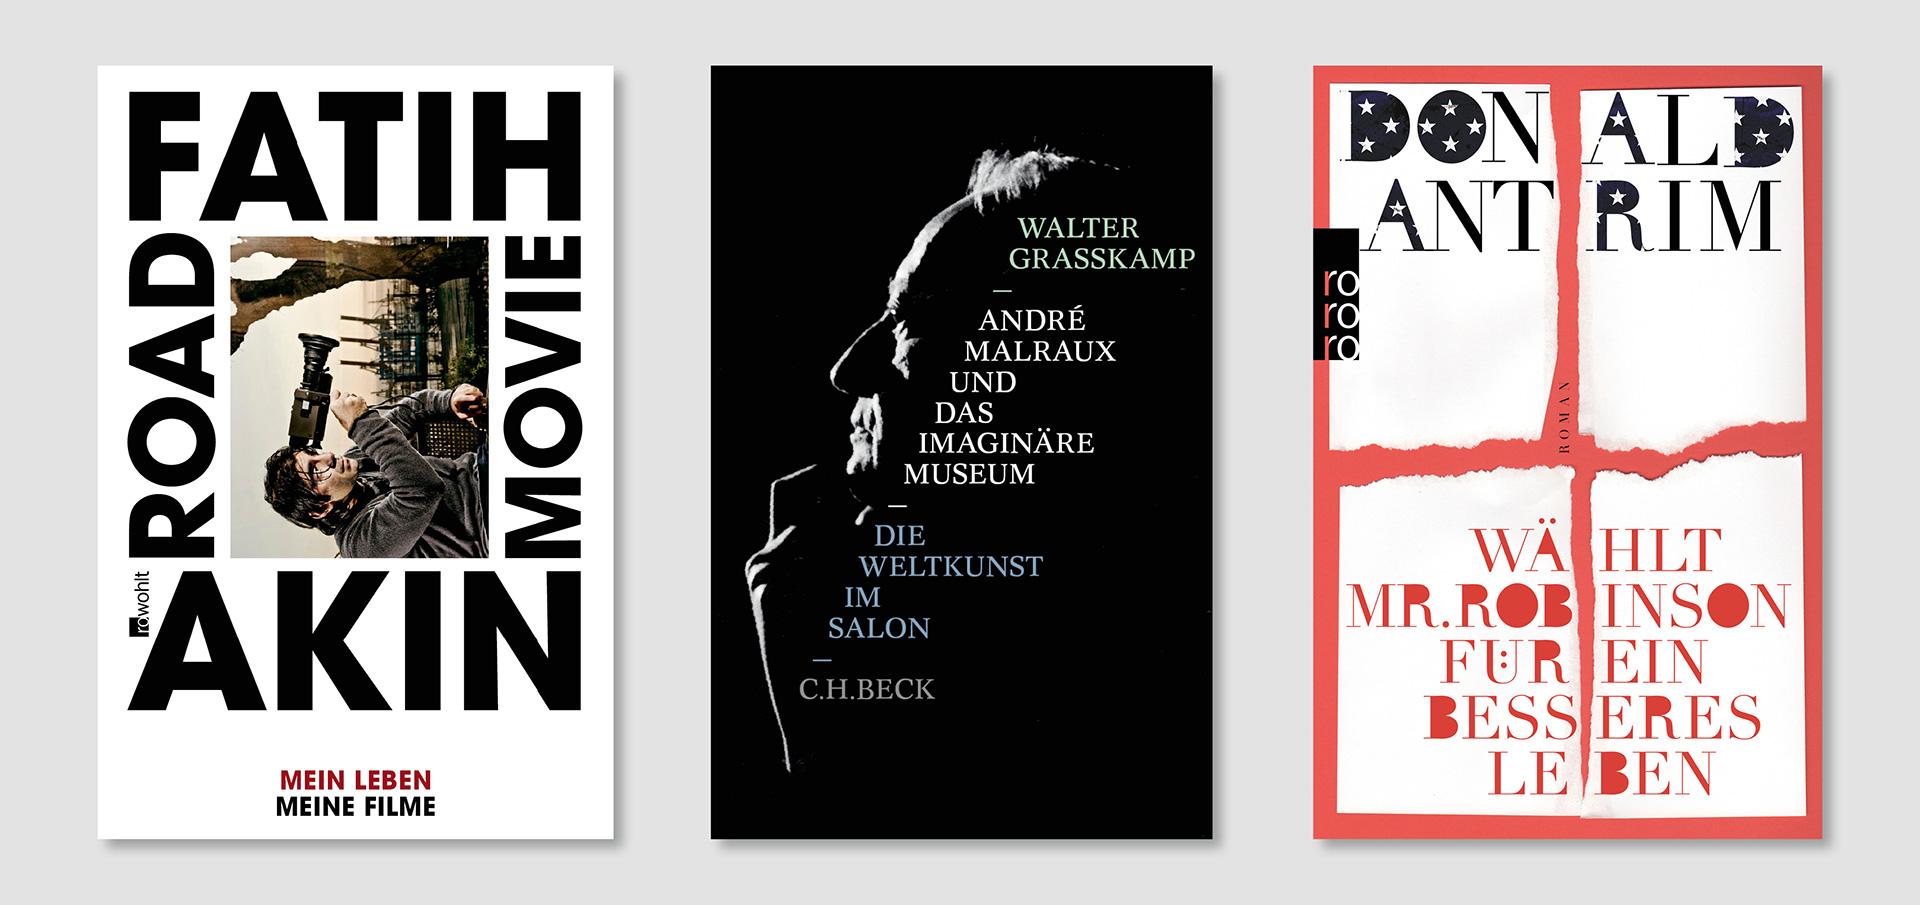 Martin-Steiner-Gestaltung-cover6